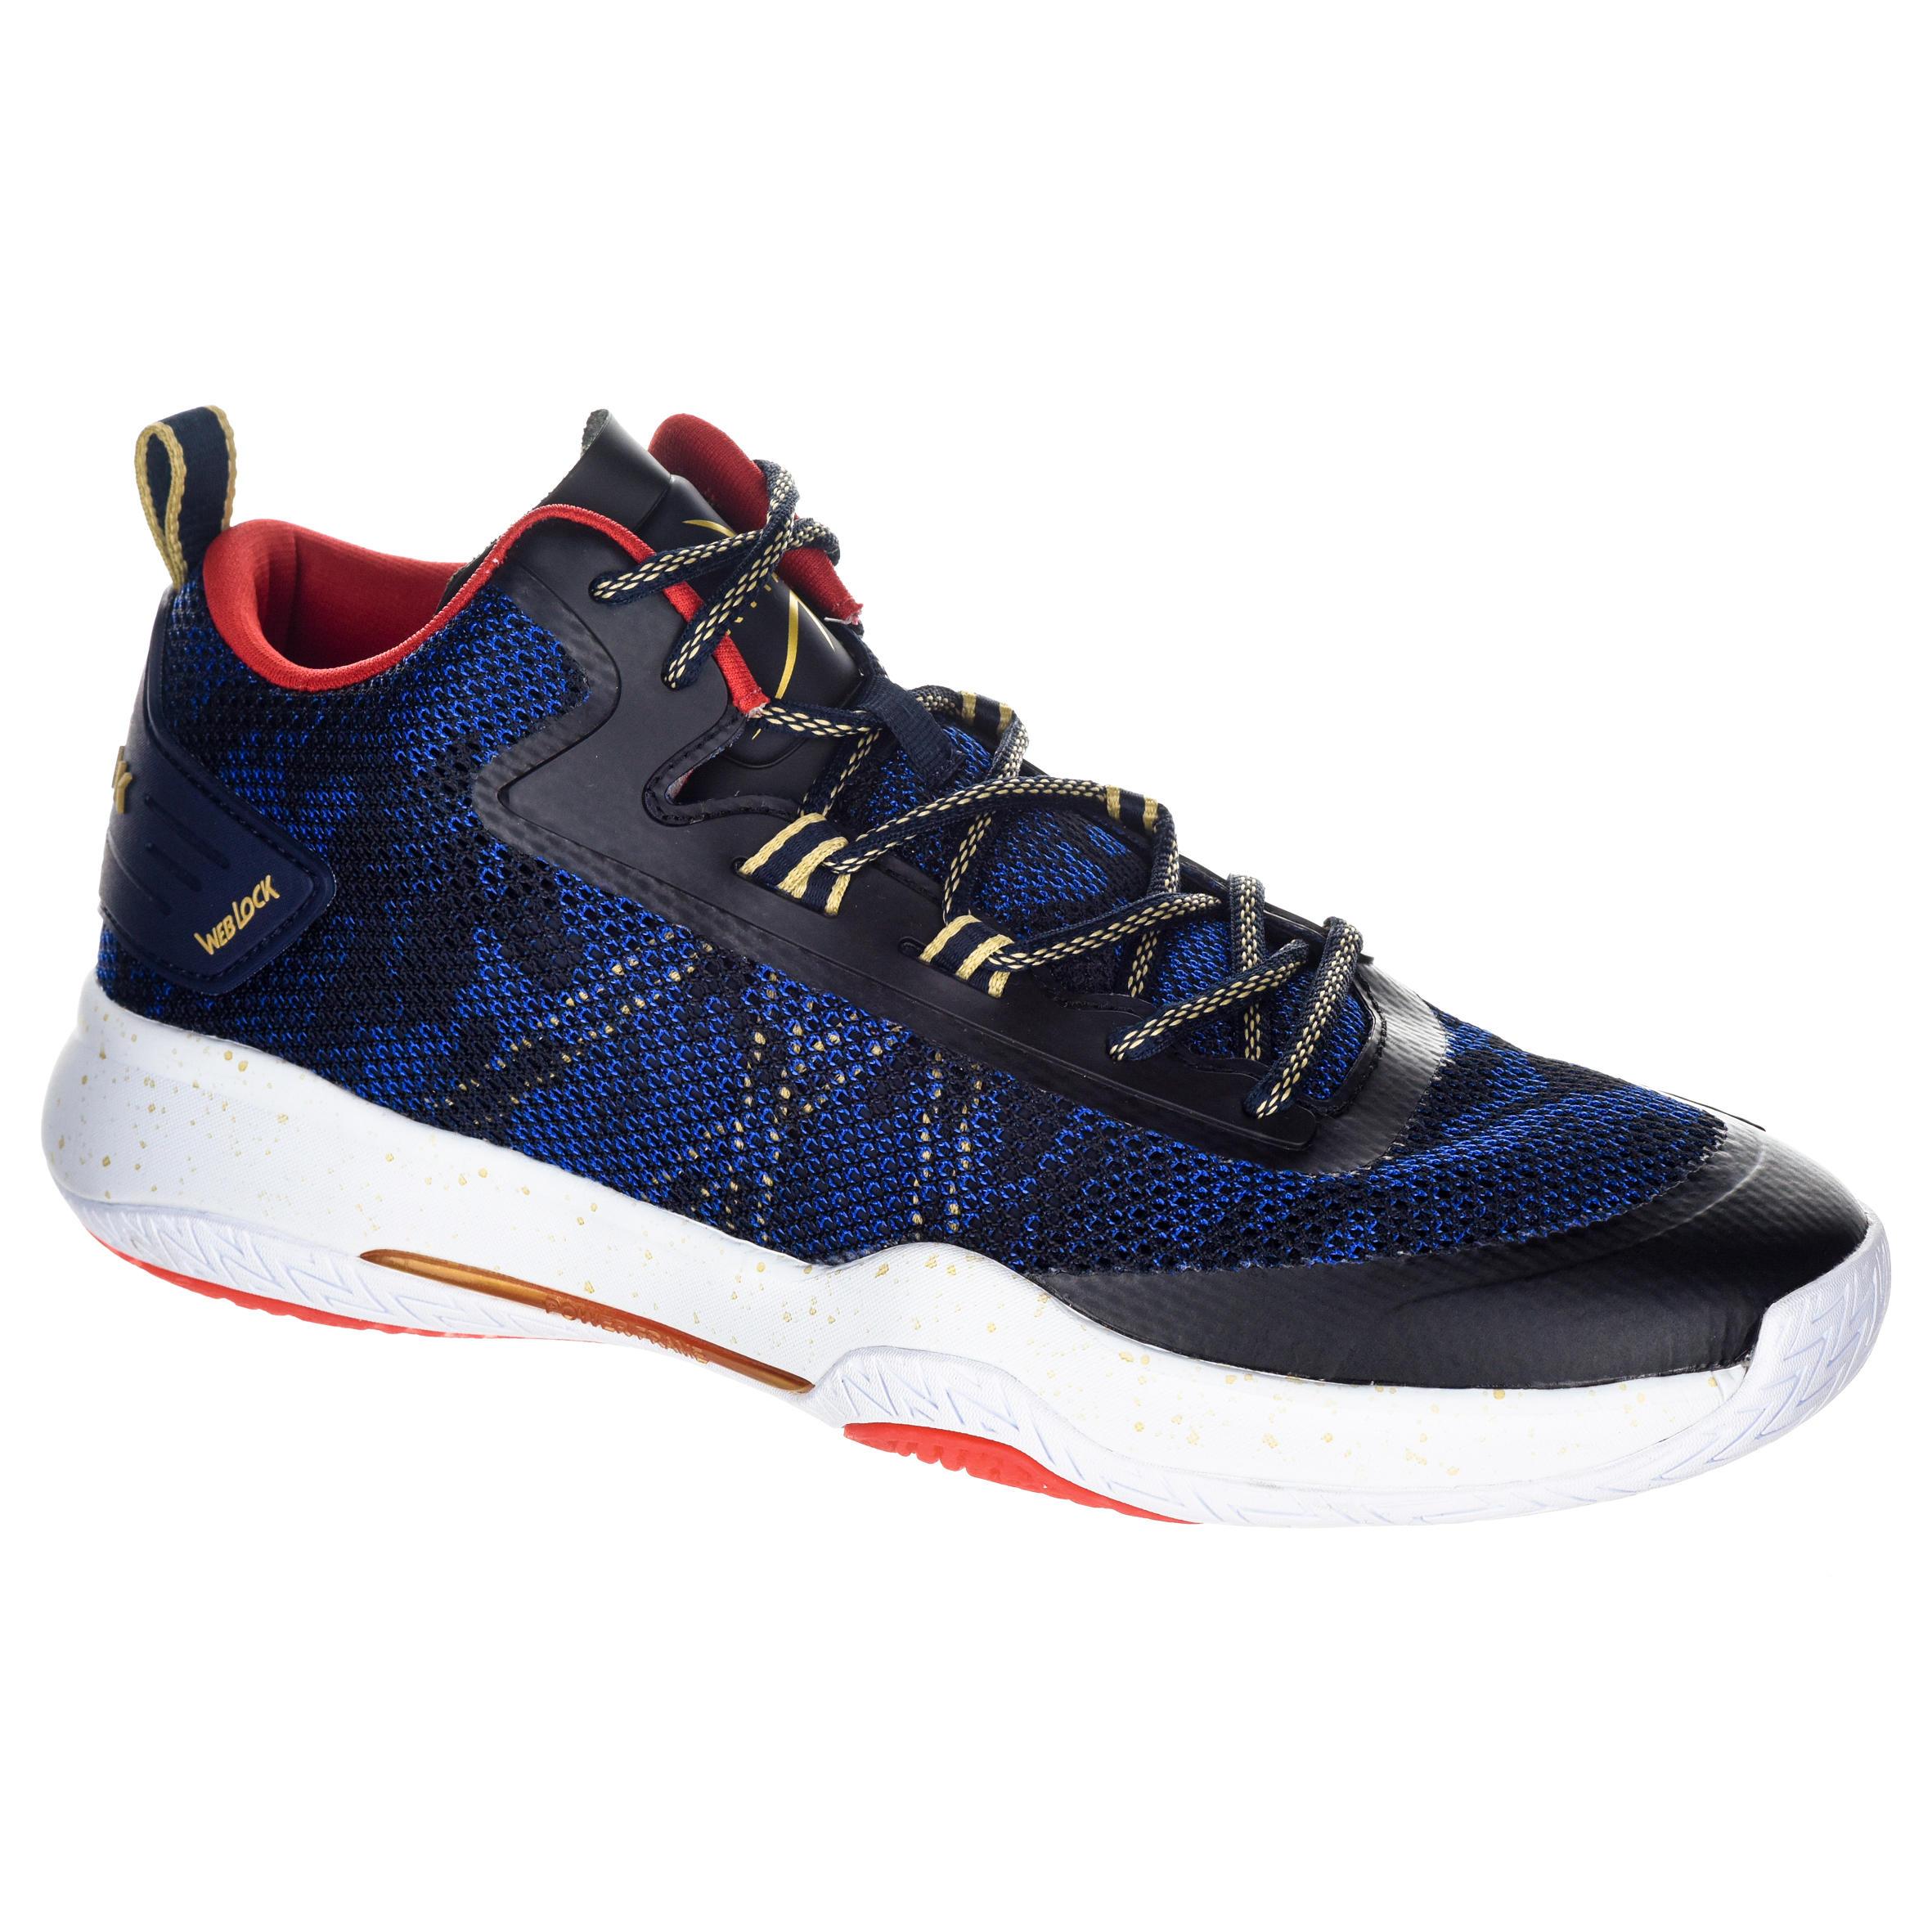 86366b40 Comprar Zapatillas de Baloncesto online | Decathlon